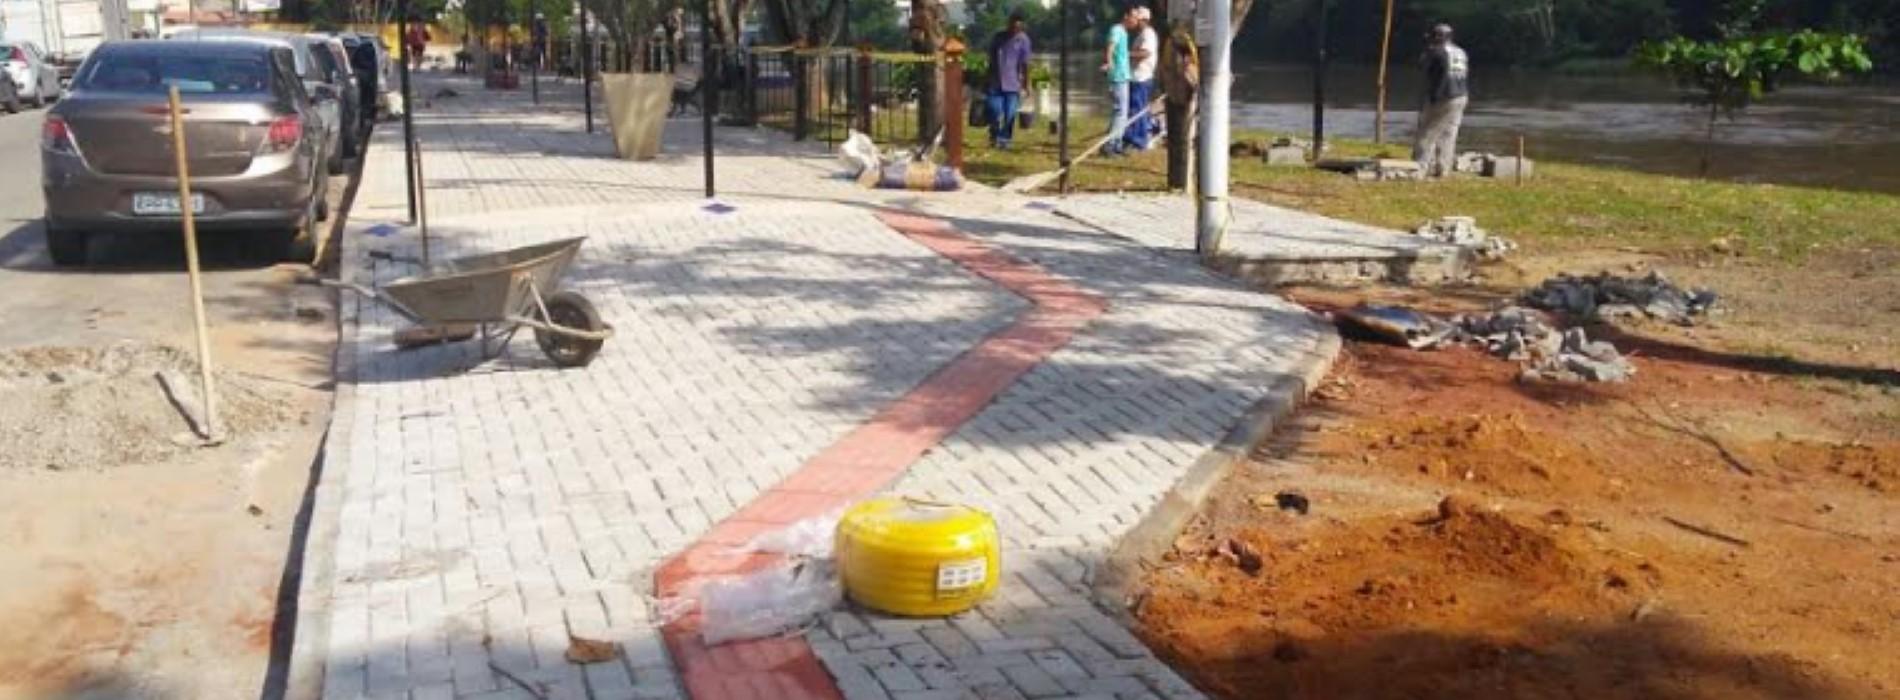 Obra na Beira Rio em Barra Mansa sofre ataque de vândalos - Revista ...